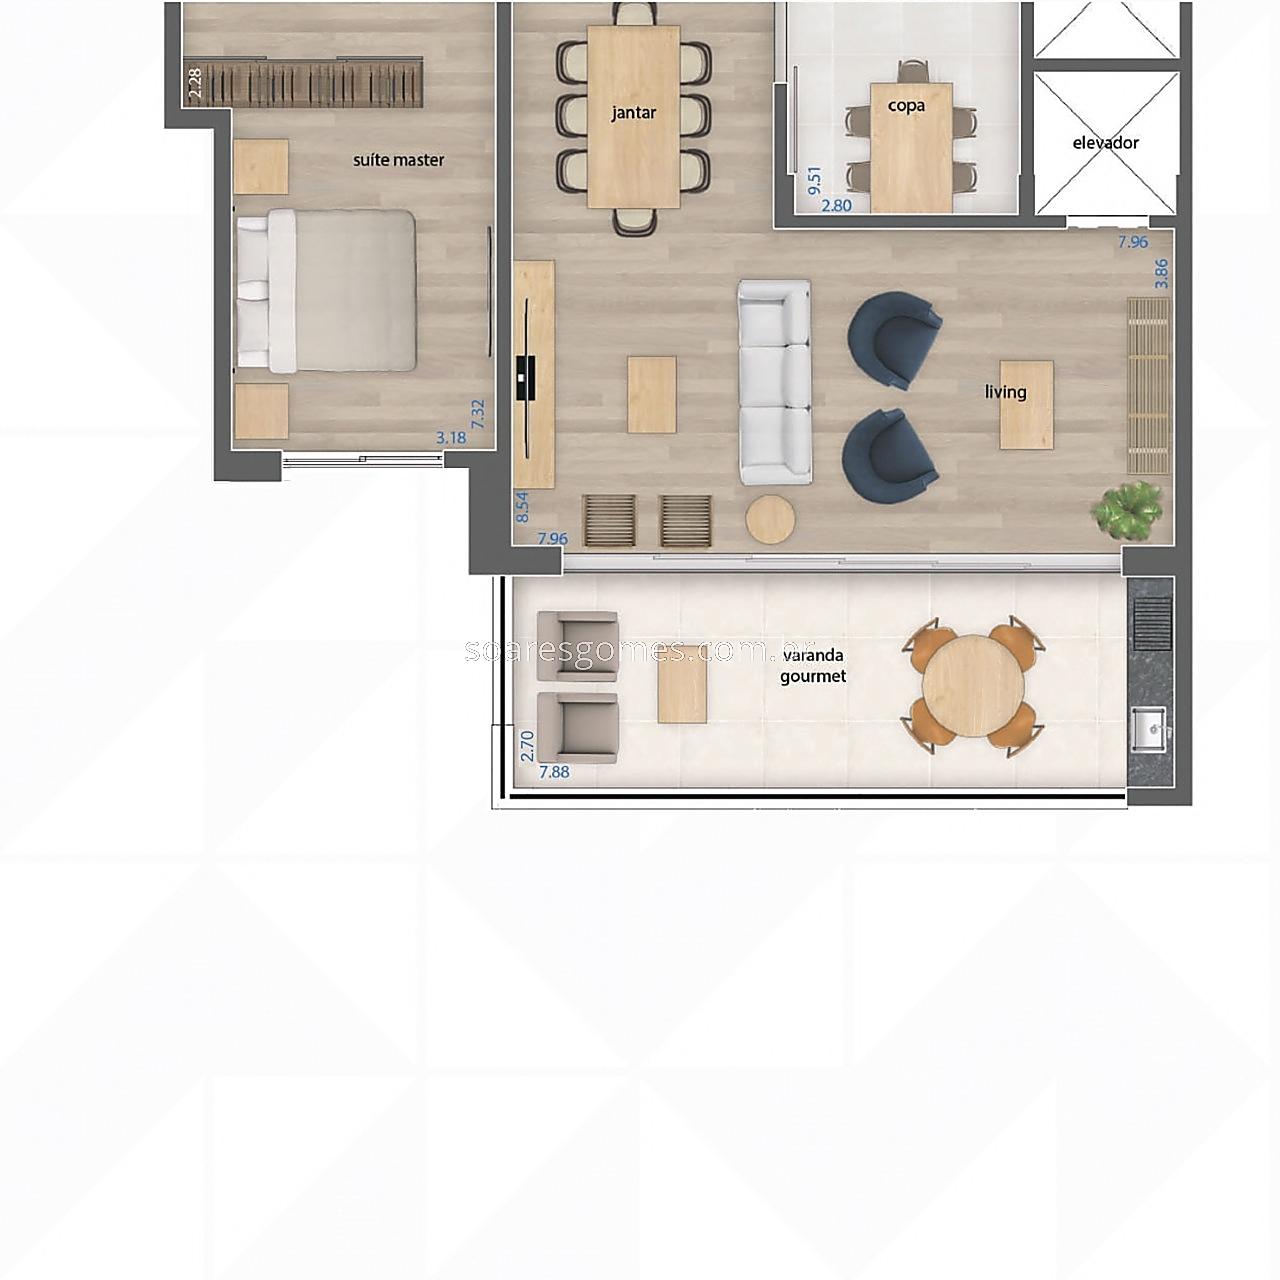 Apartamento à venda em Bom Pastor, Juiz de Fora - MG - Foto 8